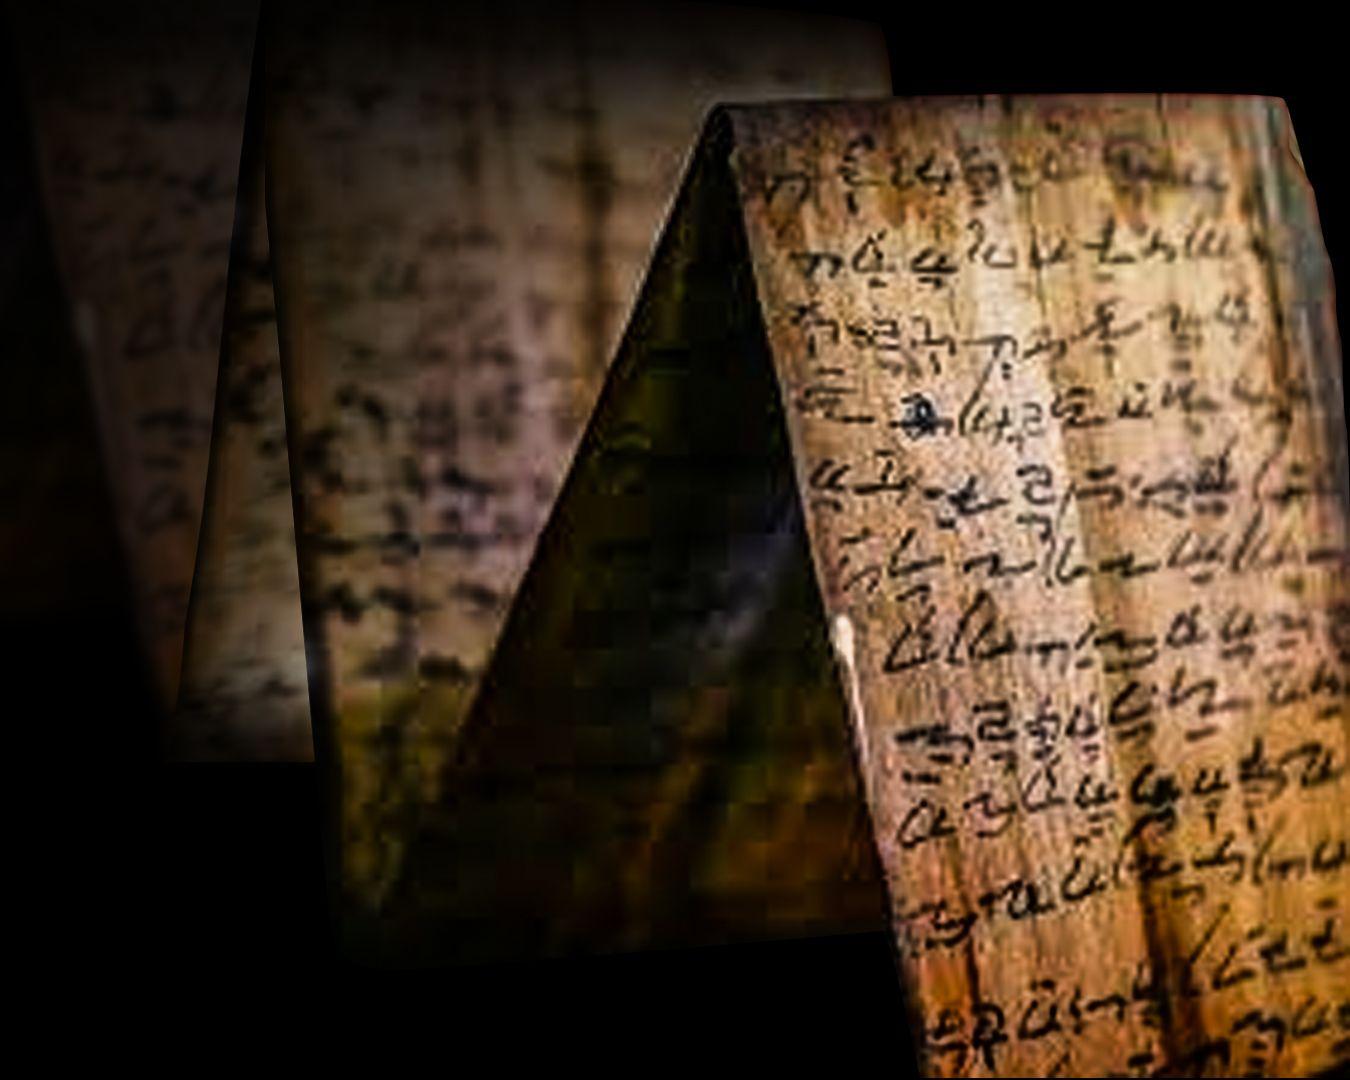 Pengobatan Tradisional dalam Naskah Kuno Lampung